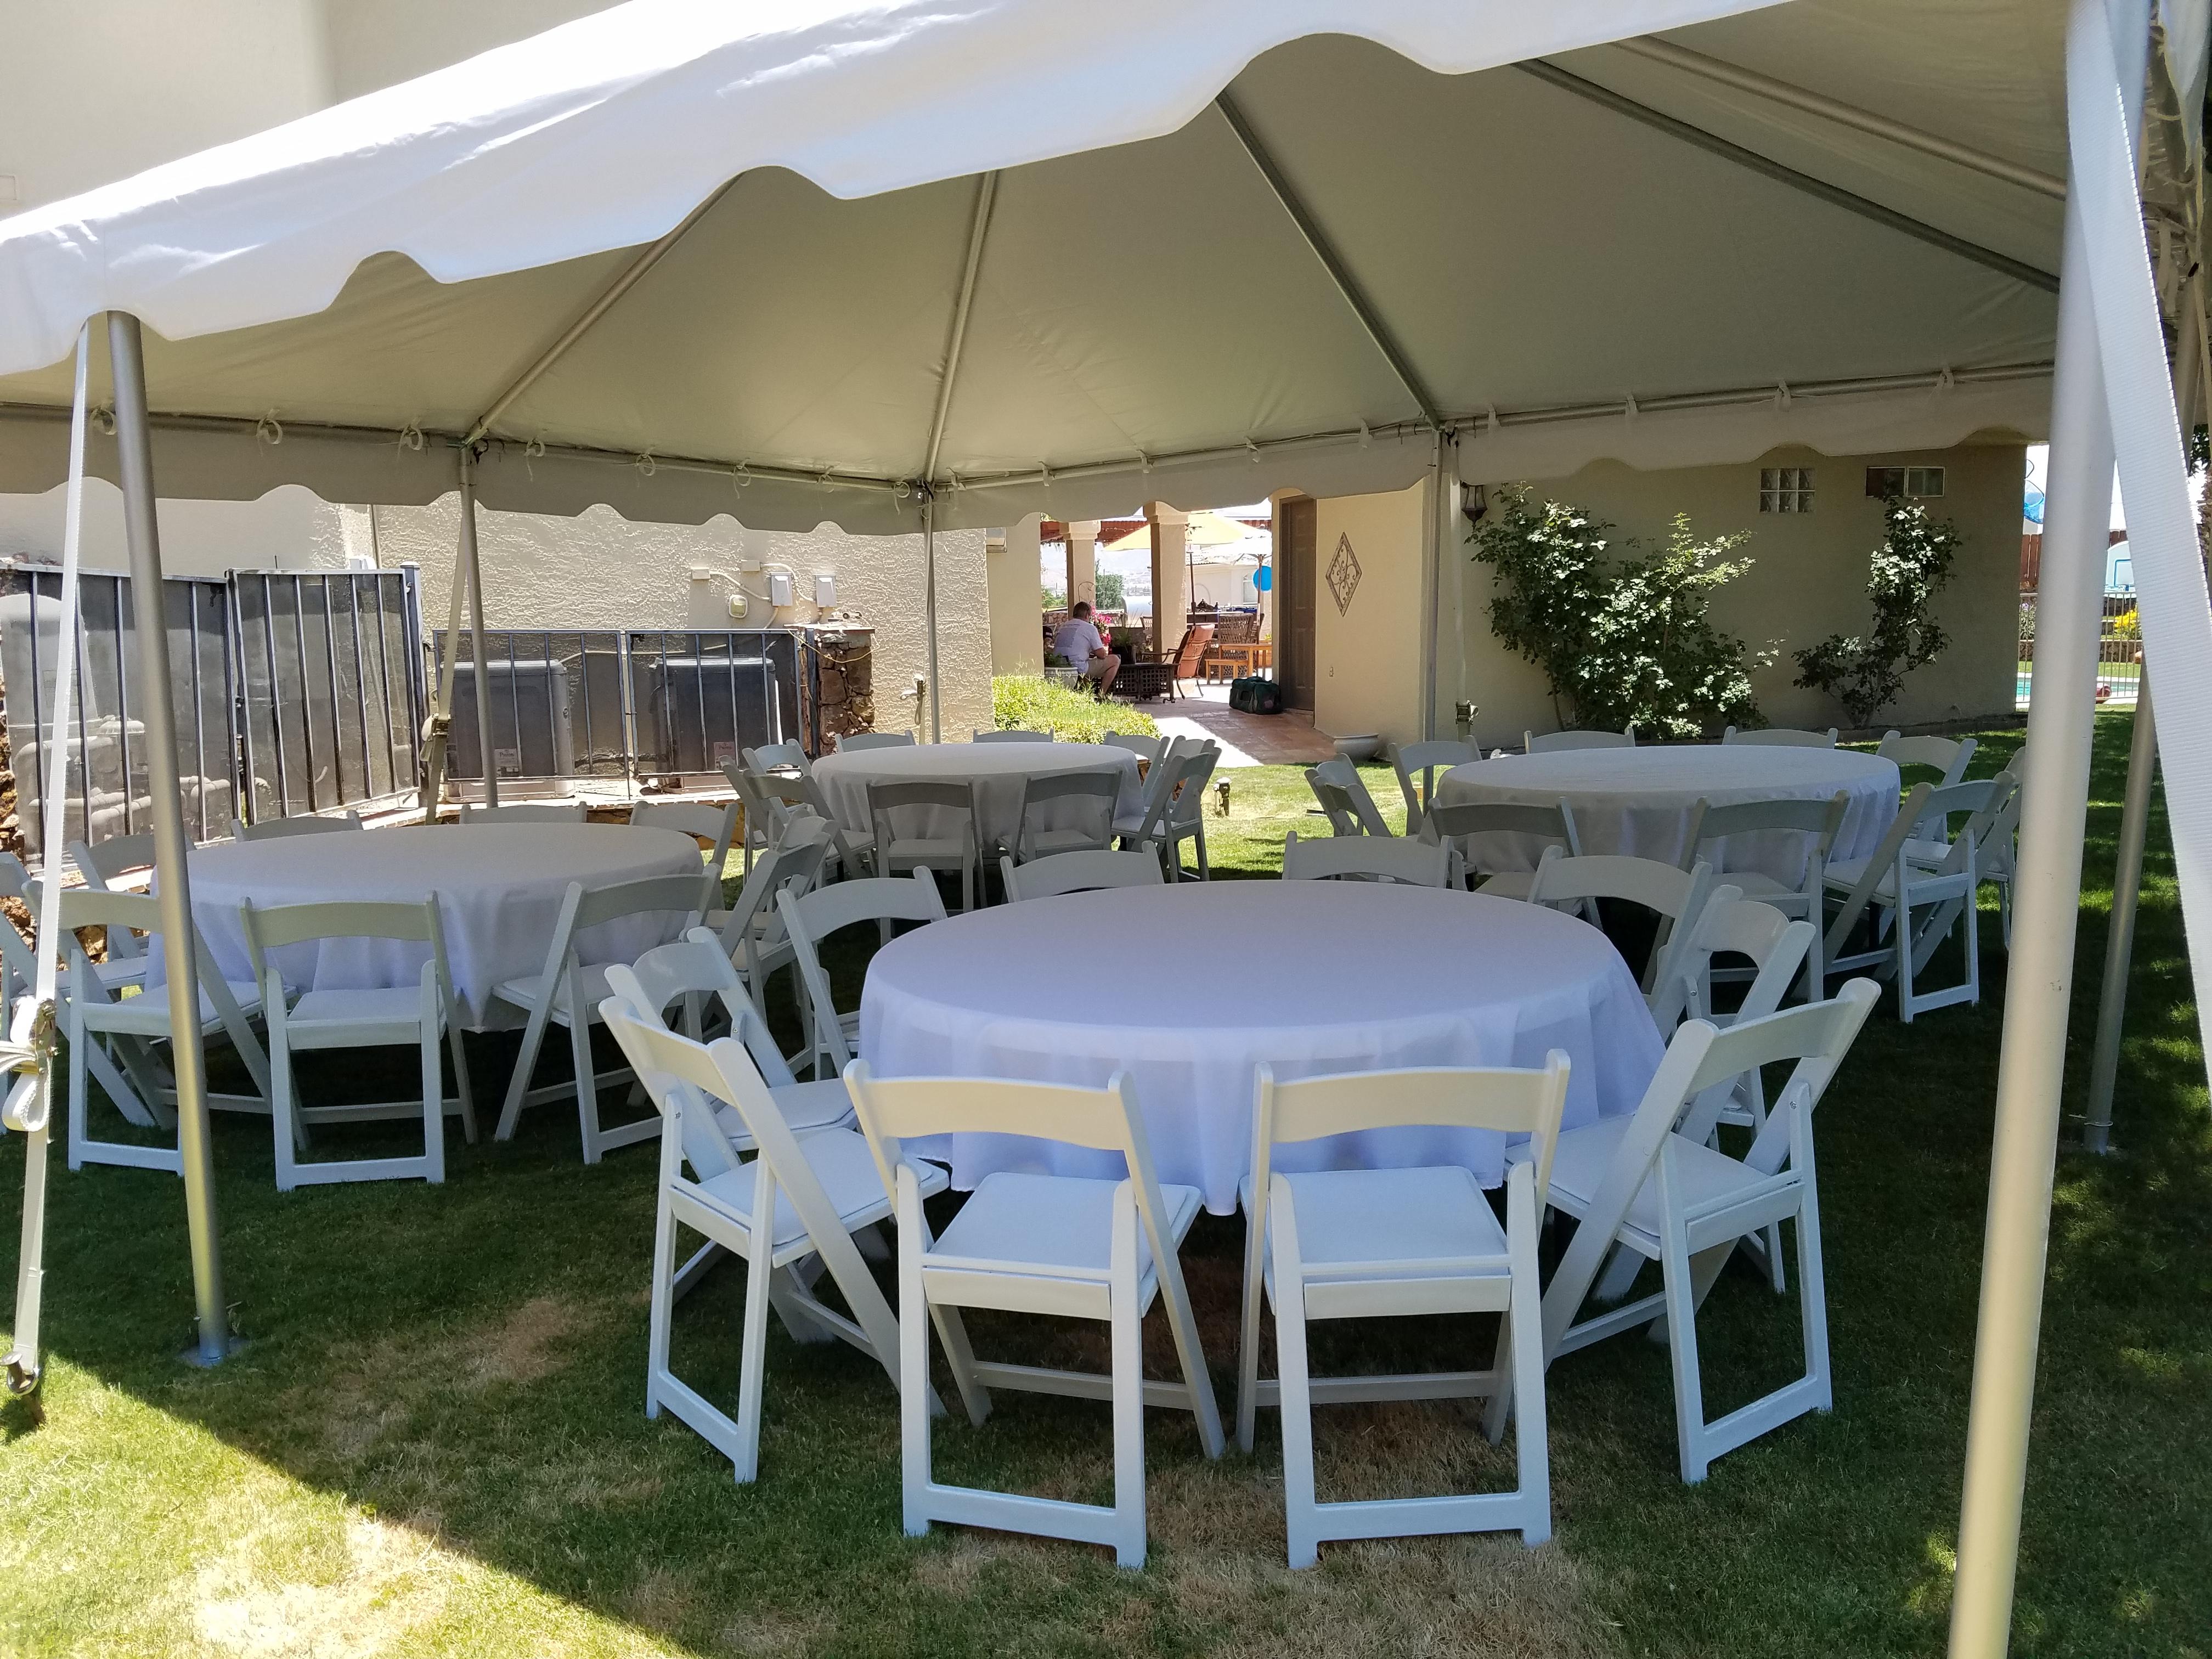 L L Tent Party Rentals Ripley Dr El Paso TX YPcom - Outdoor table tent